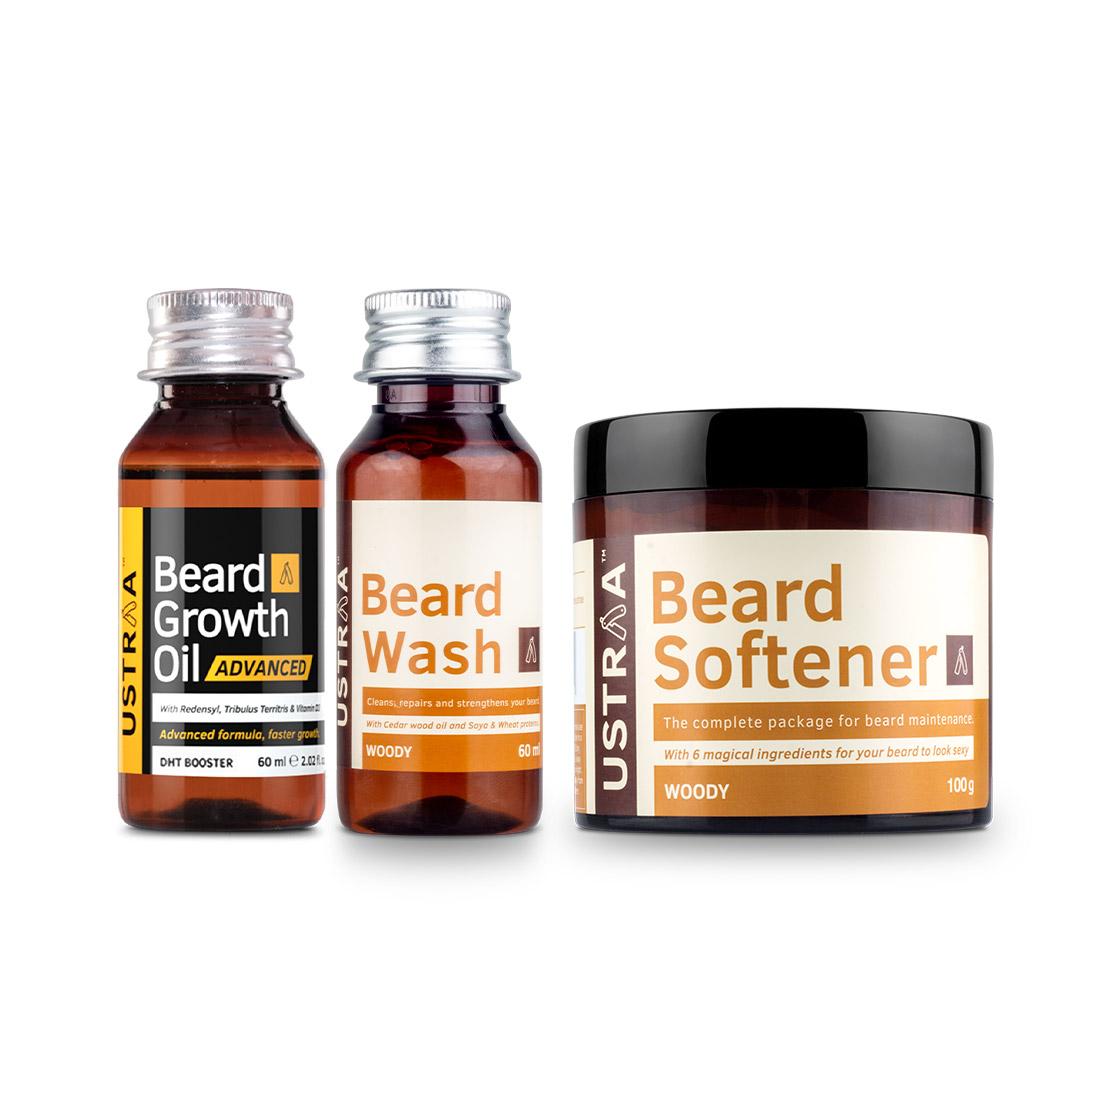 Ustraa | Ustraa Beard Growth Oil Advanced 60 ml, Beard Wash Woody 60ml,  Beard Softener 100 g